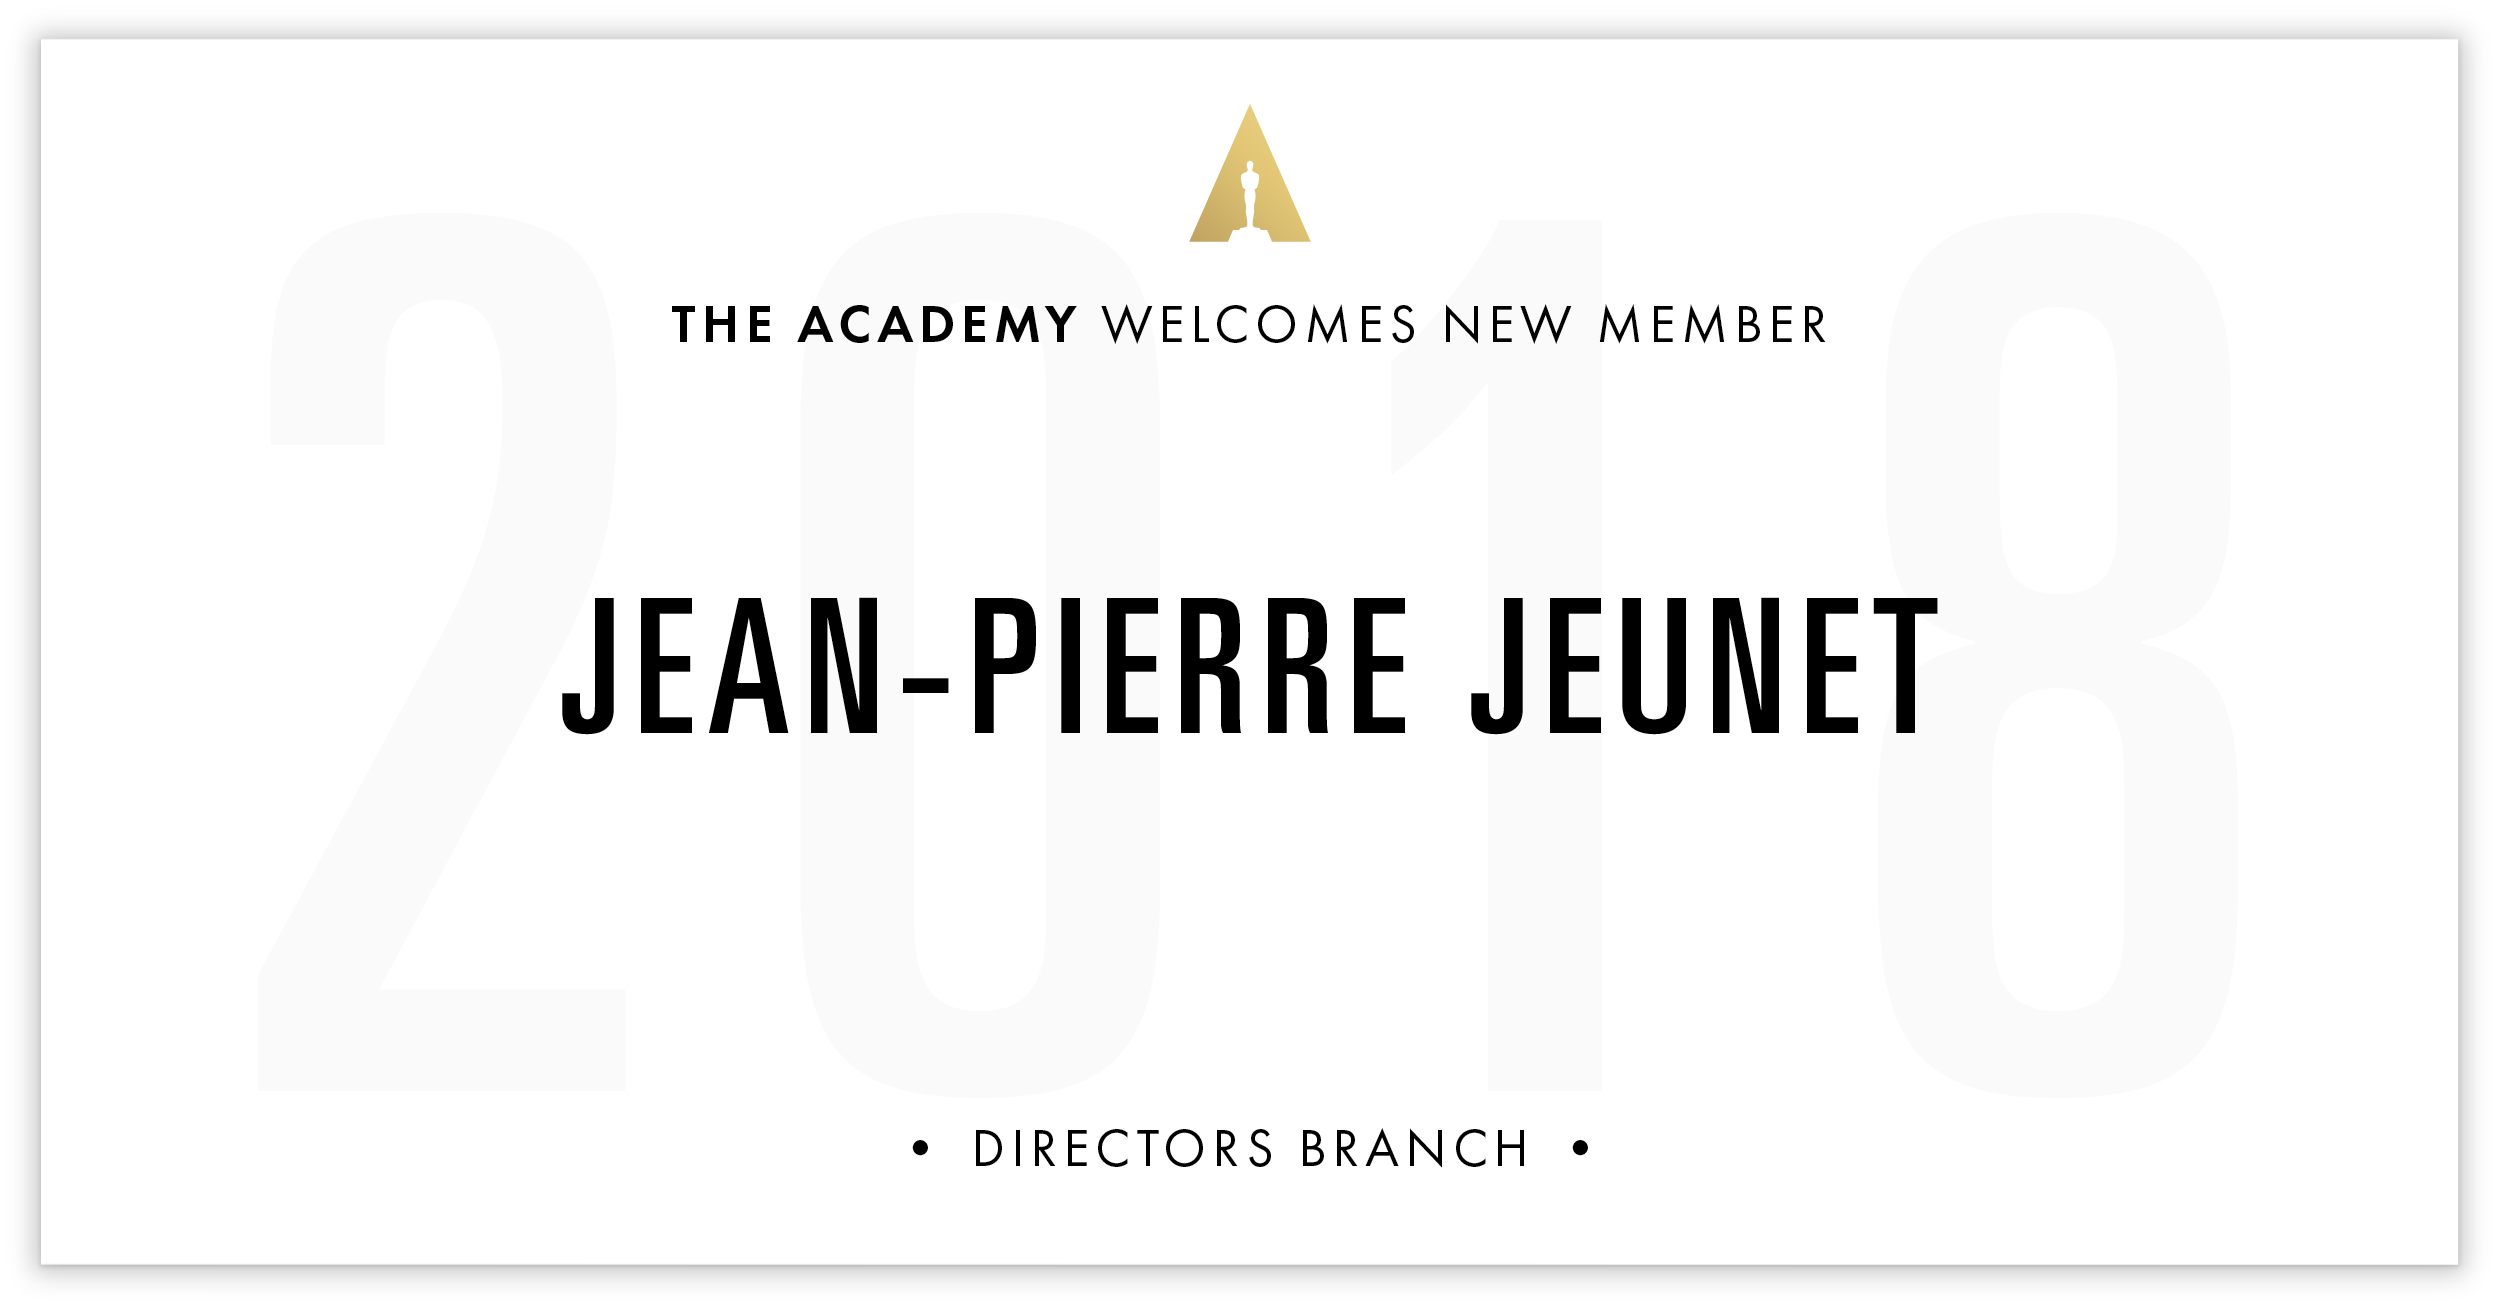 Jean-Pierre Jeunet is invited!